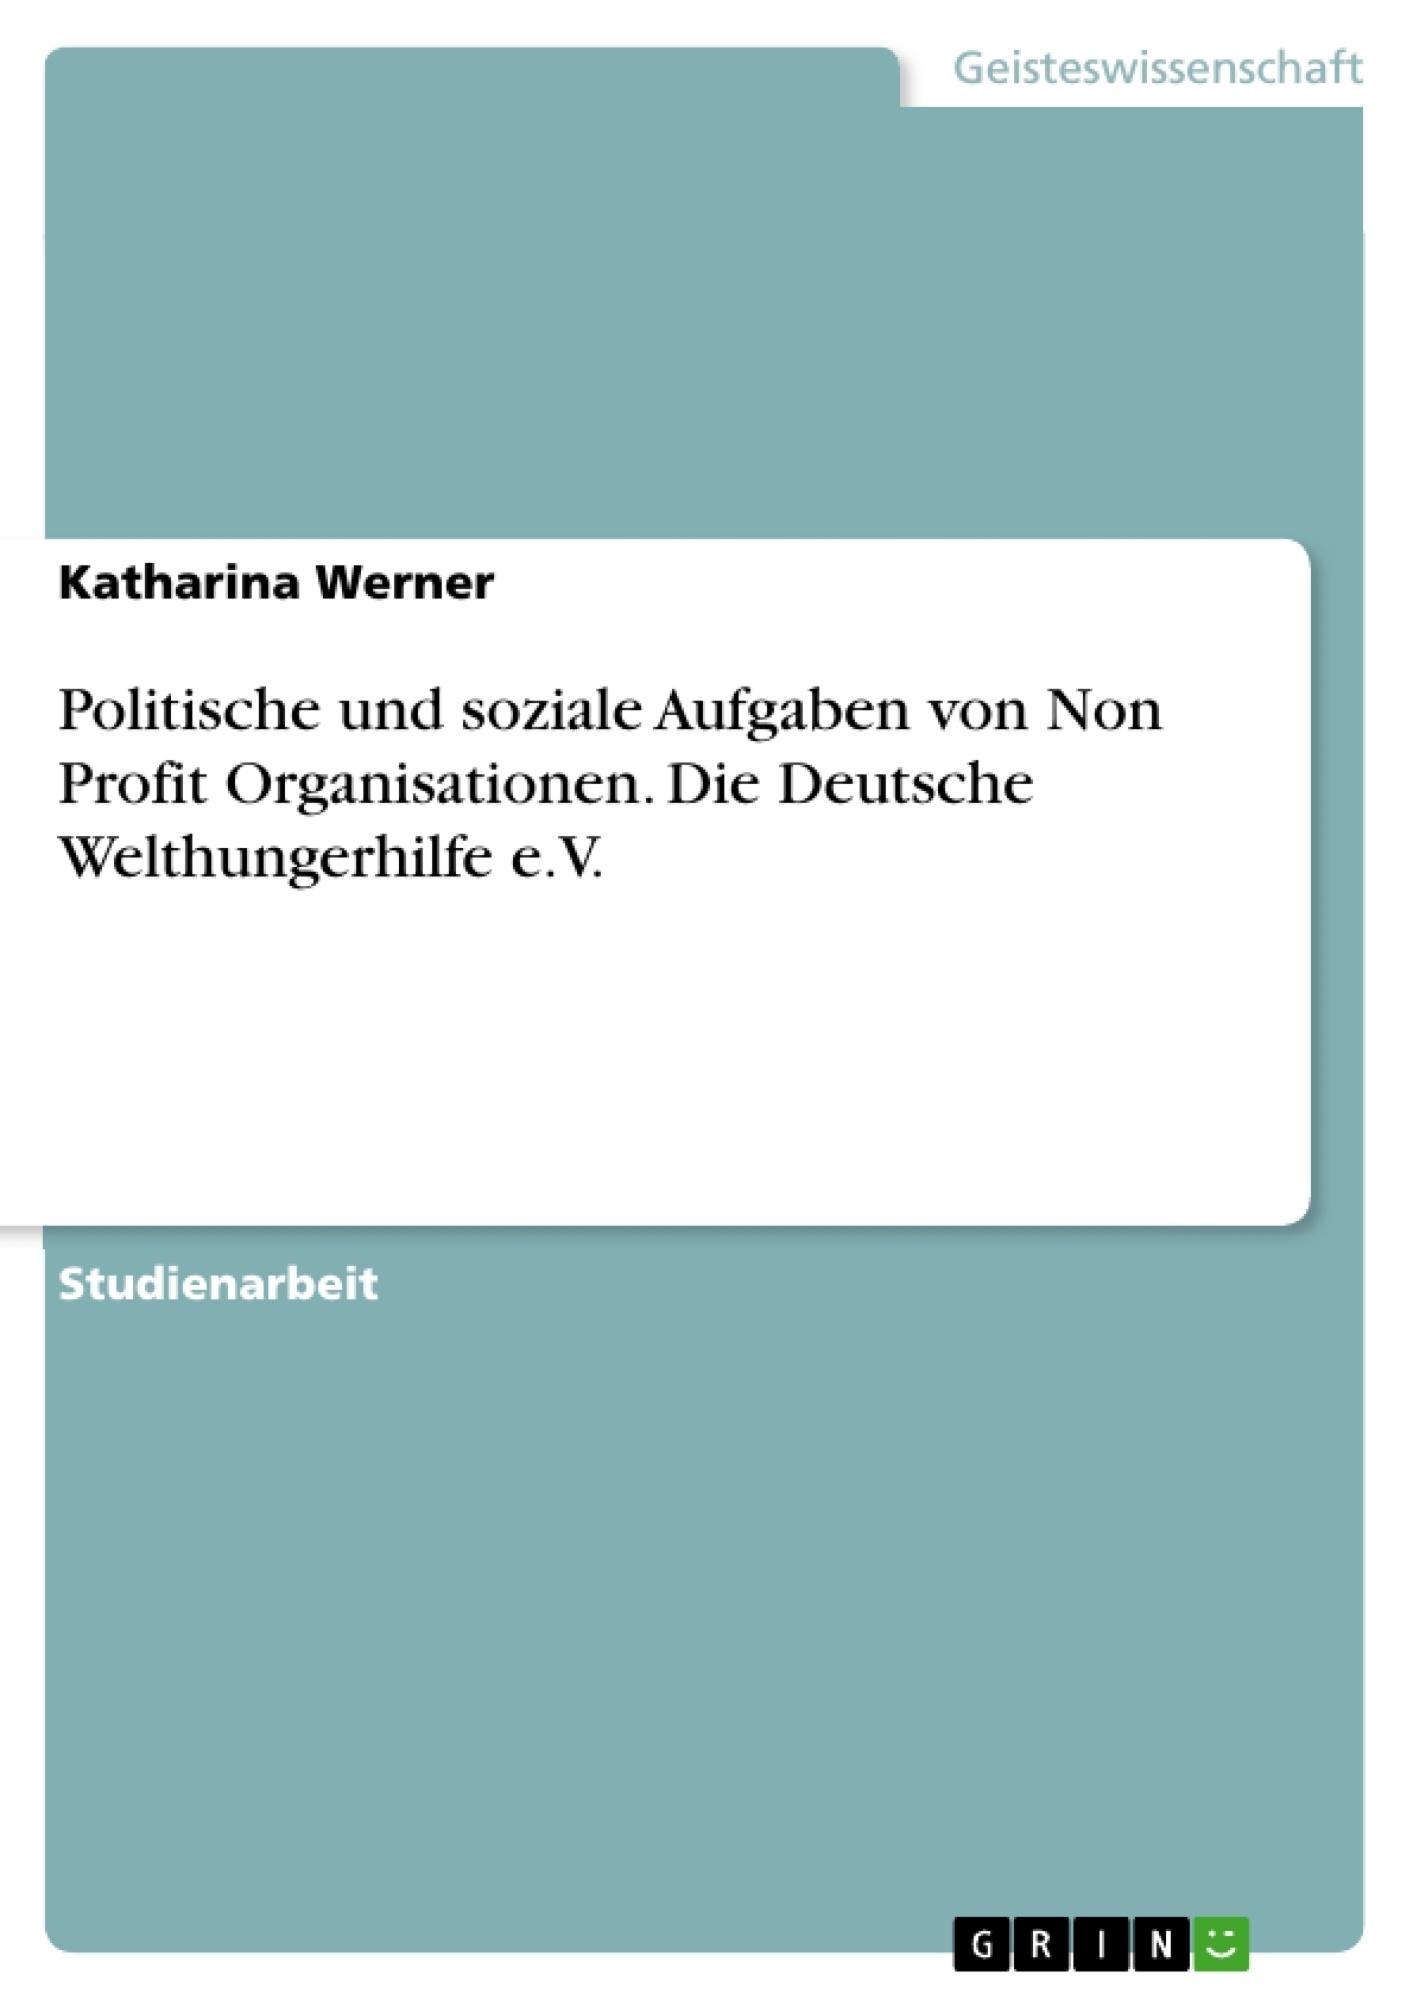 Titel: Politische und soziale Aufgaben von Non Profit Organisationen. Die Deutsche Welthungerhilfe e.V.